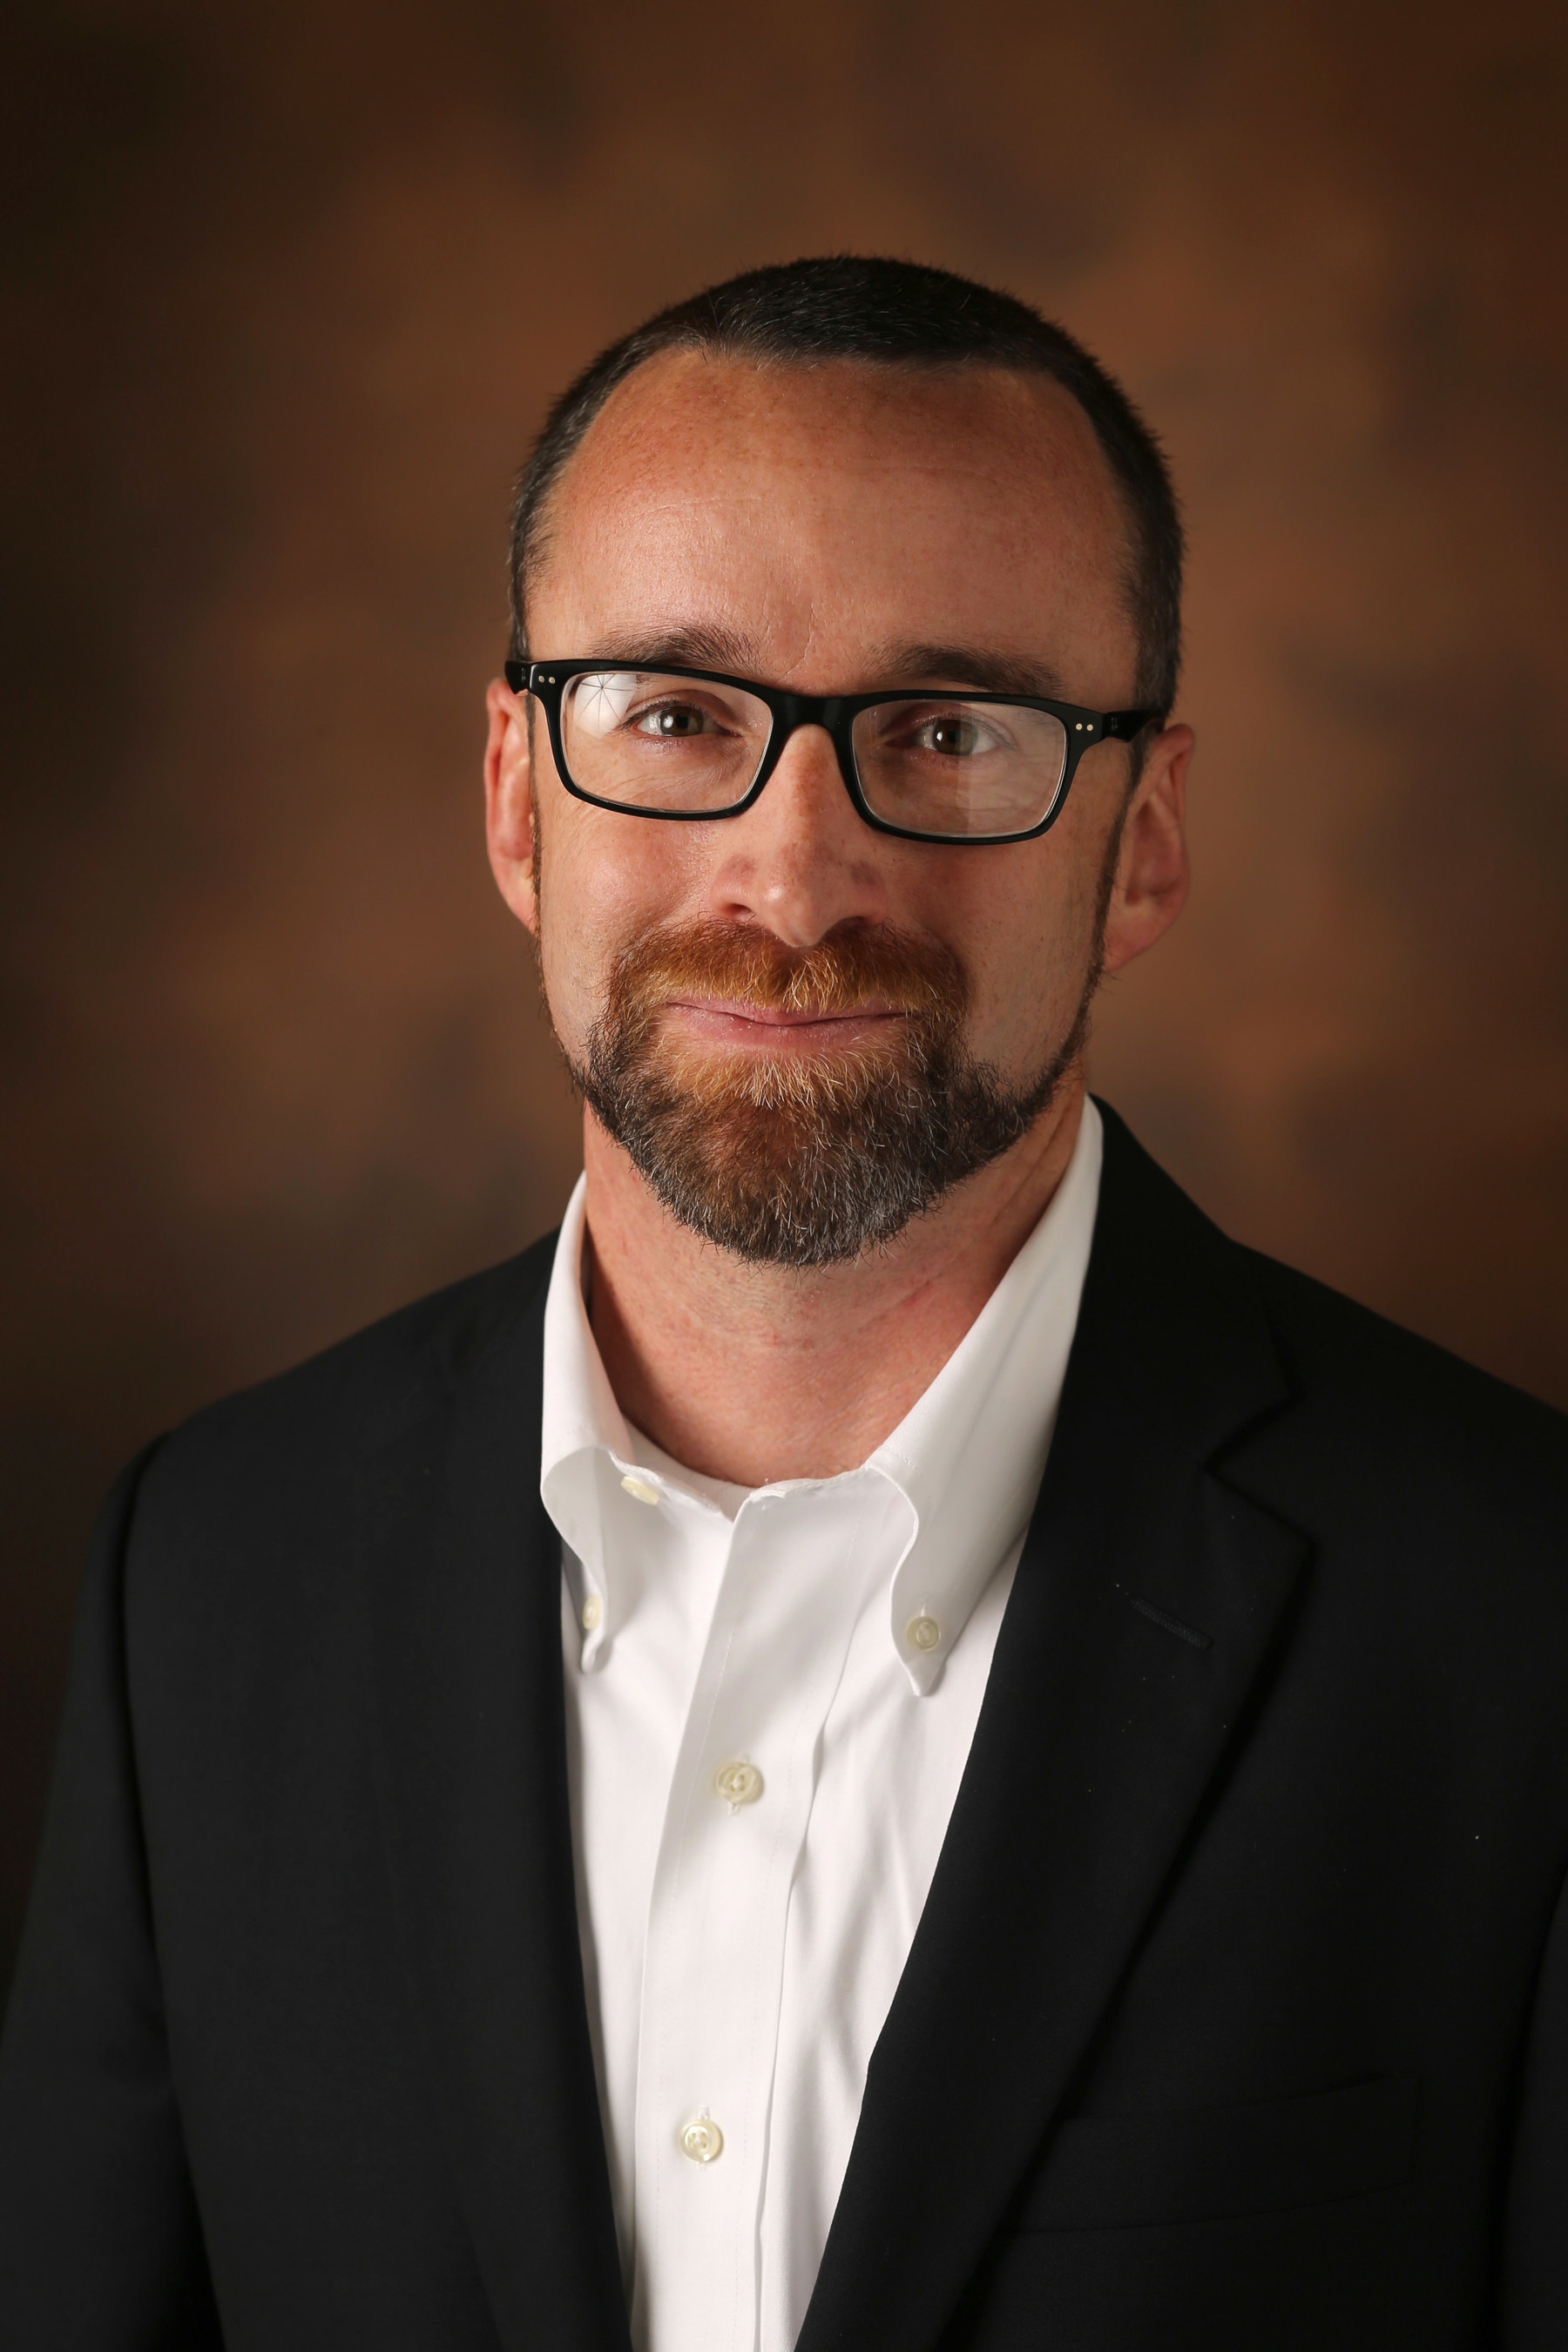 William (Will) Doyle, profesor adjunto de liderazgo, politica y organizaciones en Peabody College.  (Vanderbilt University/Steve Green)